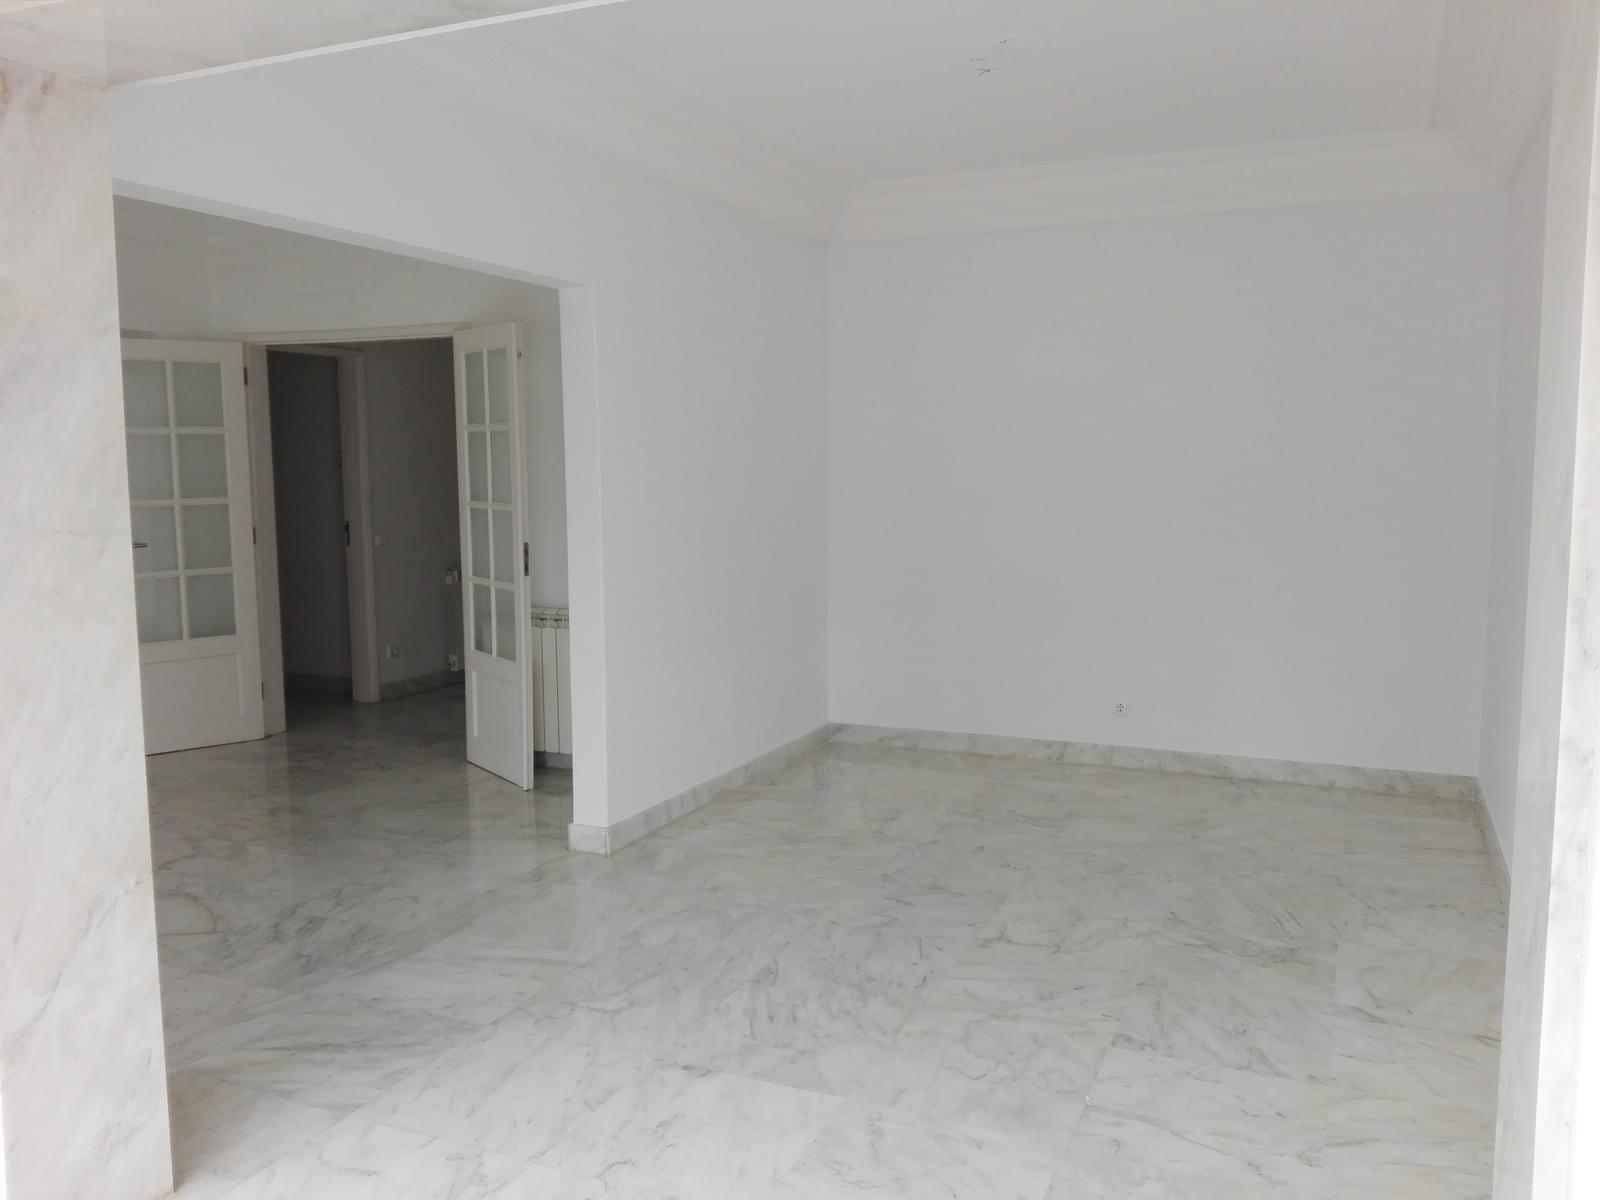 pf17056-apartamento-t4-1-lisboa-3b3e2bc4-1231-43bc-b36d-8557c9d9b681